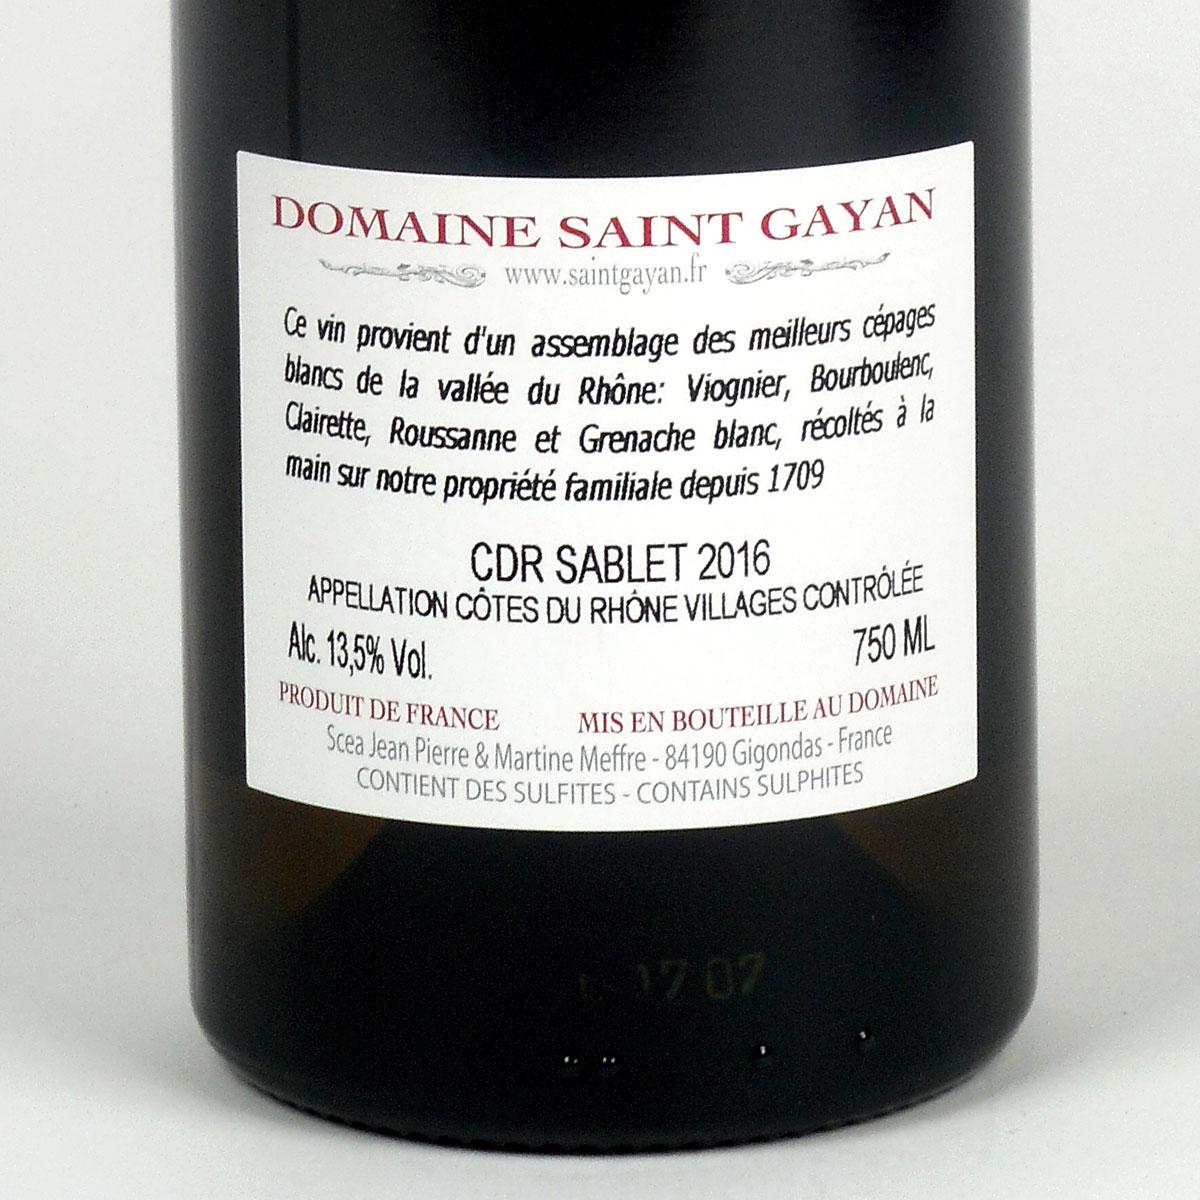 Côtes du Rhône Villages Sablet: Domaine Saint Gayan 2016 - Bottle Rear Label